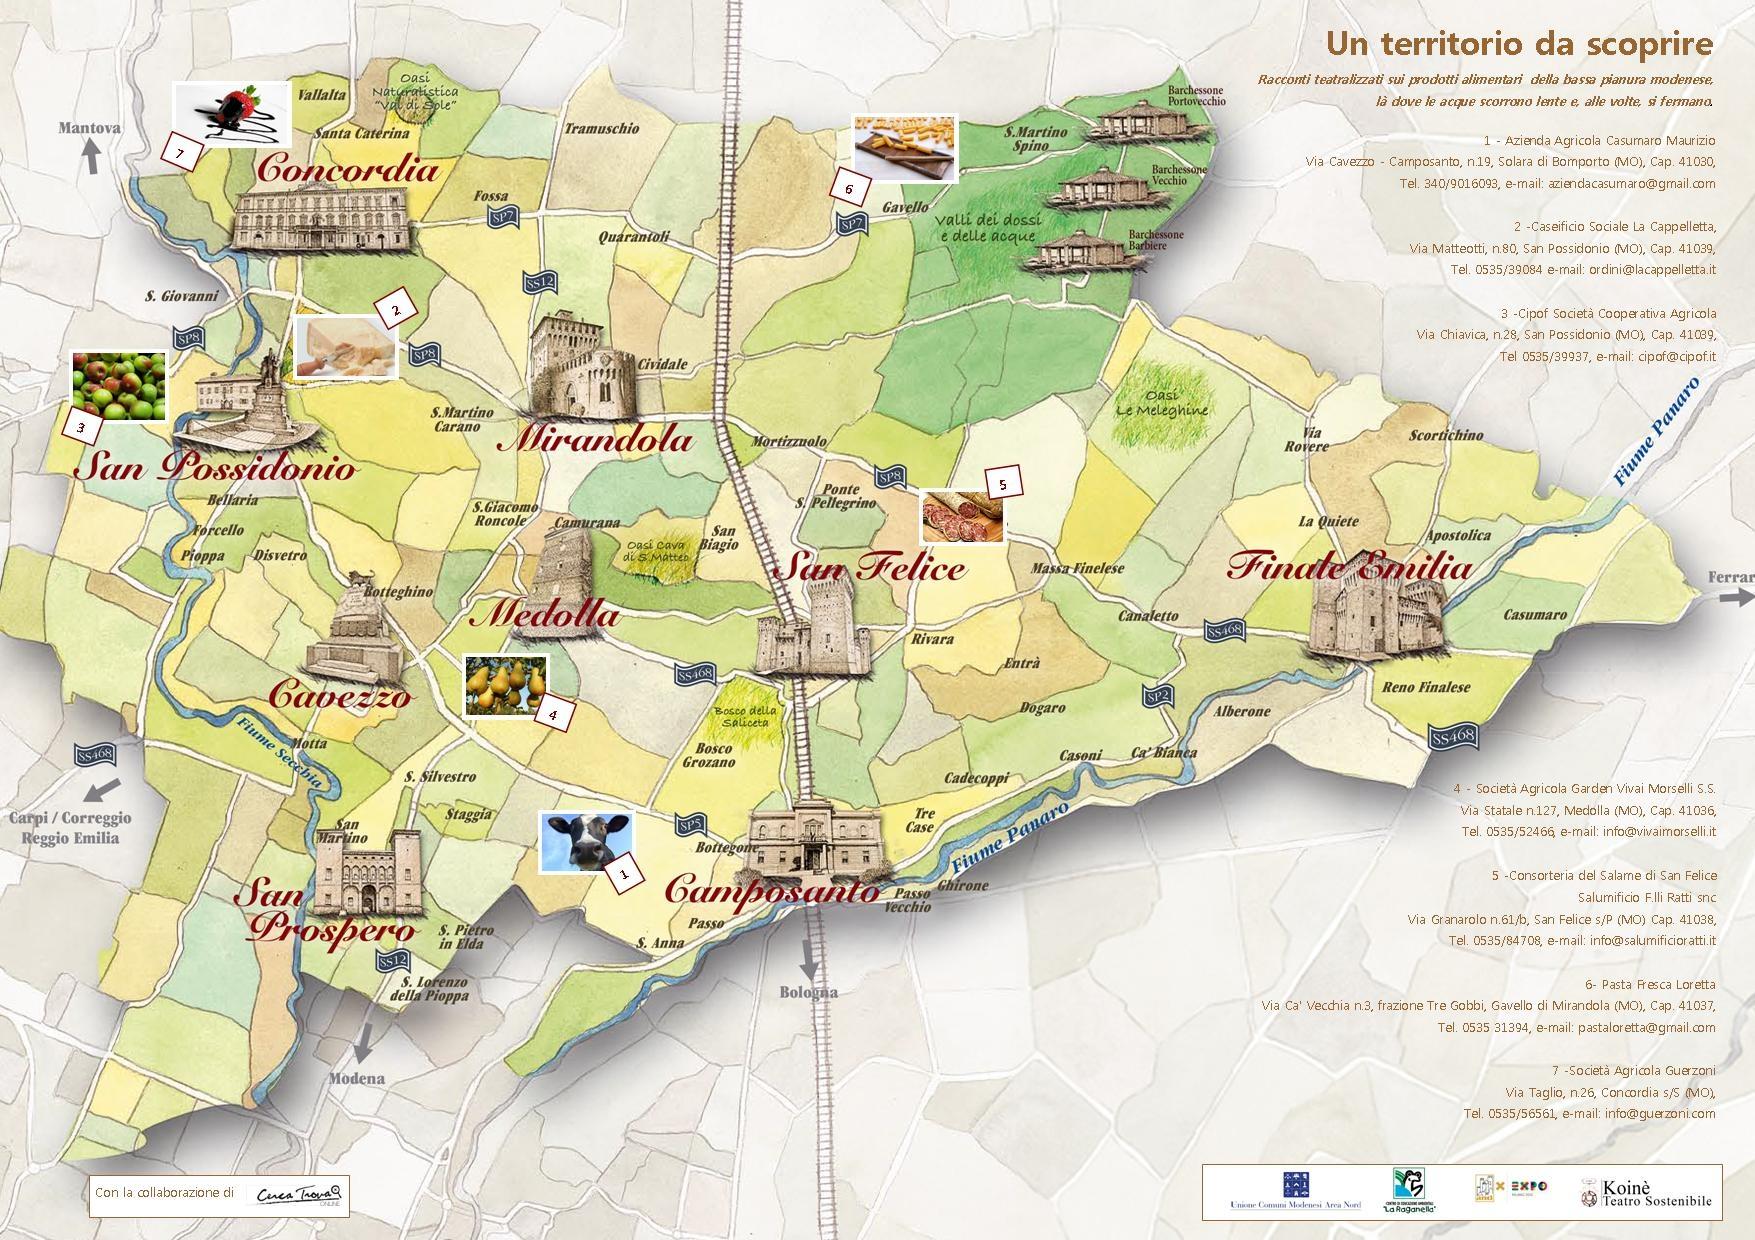 Modena. L'Unione dei Comuni a Expo 2015, dal 20 al 26 ottobre presso l'area mercato di Cascina Triulza